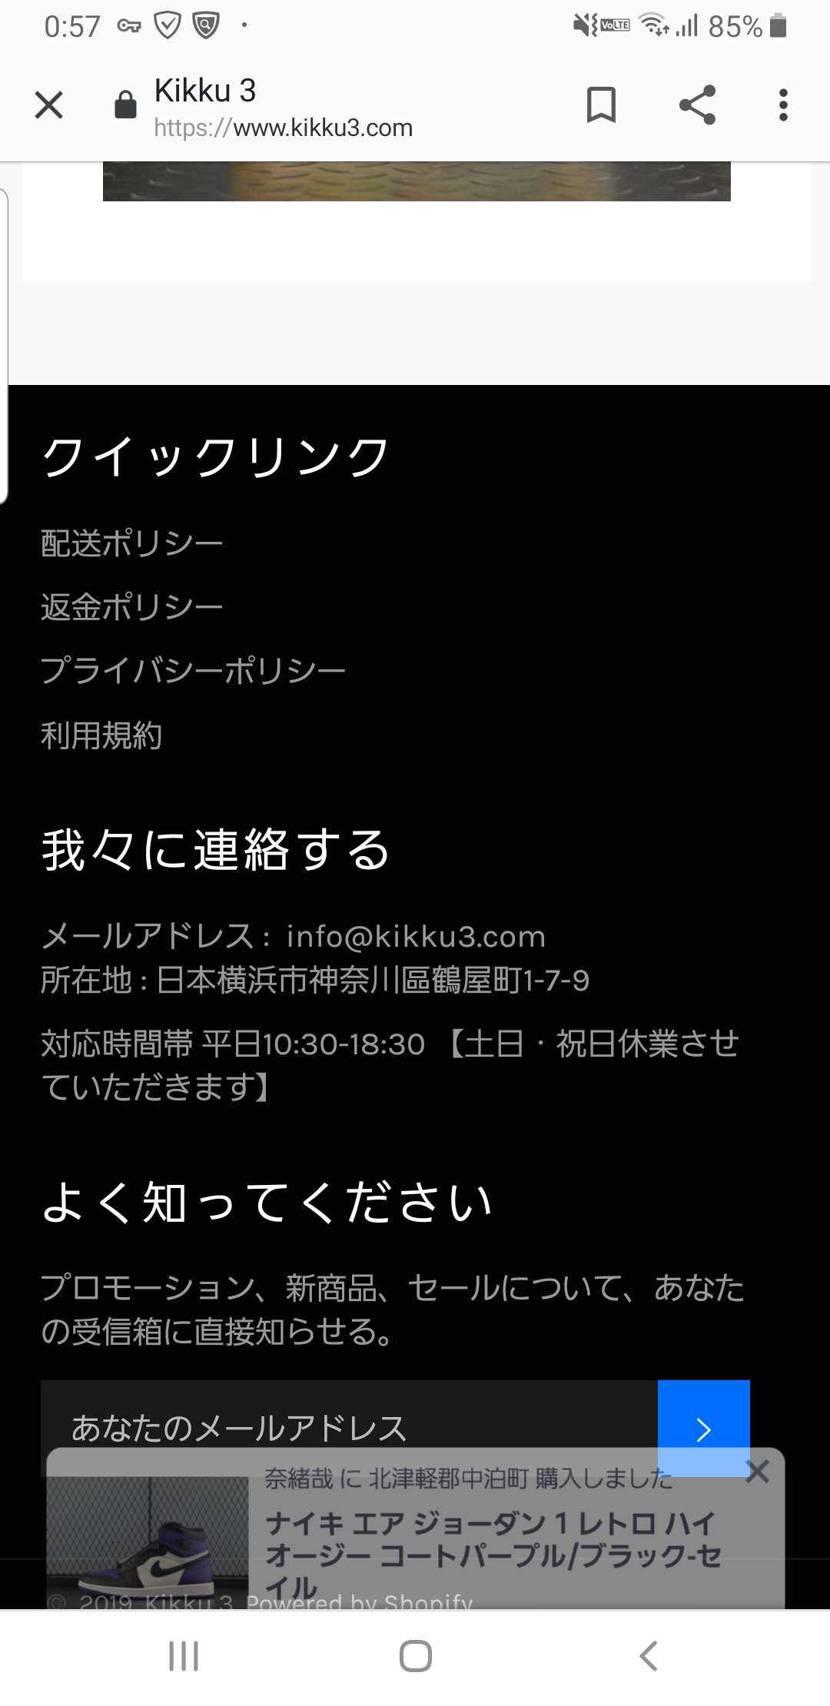 kikku3とやら、日本語もおかしい。 騙されて購入した人がいるっぽいし、その情